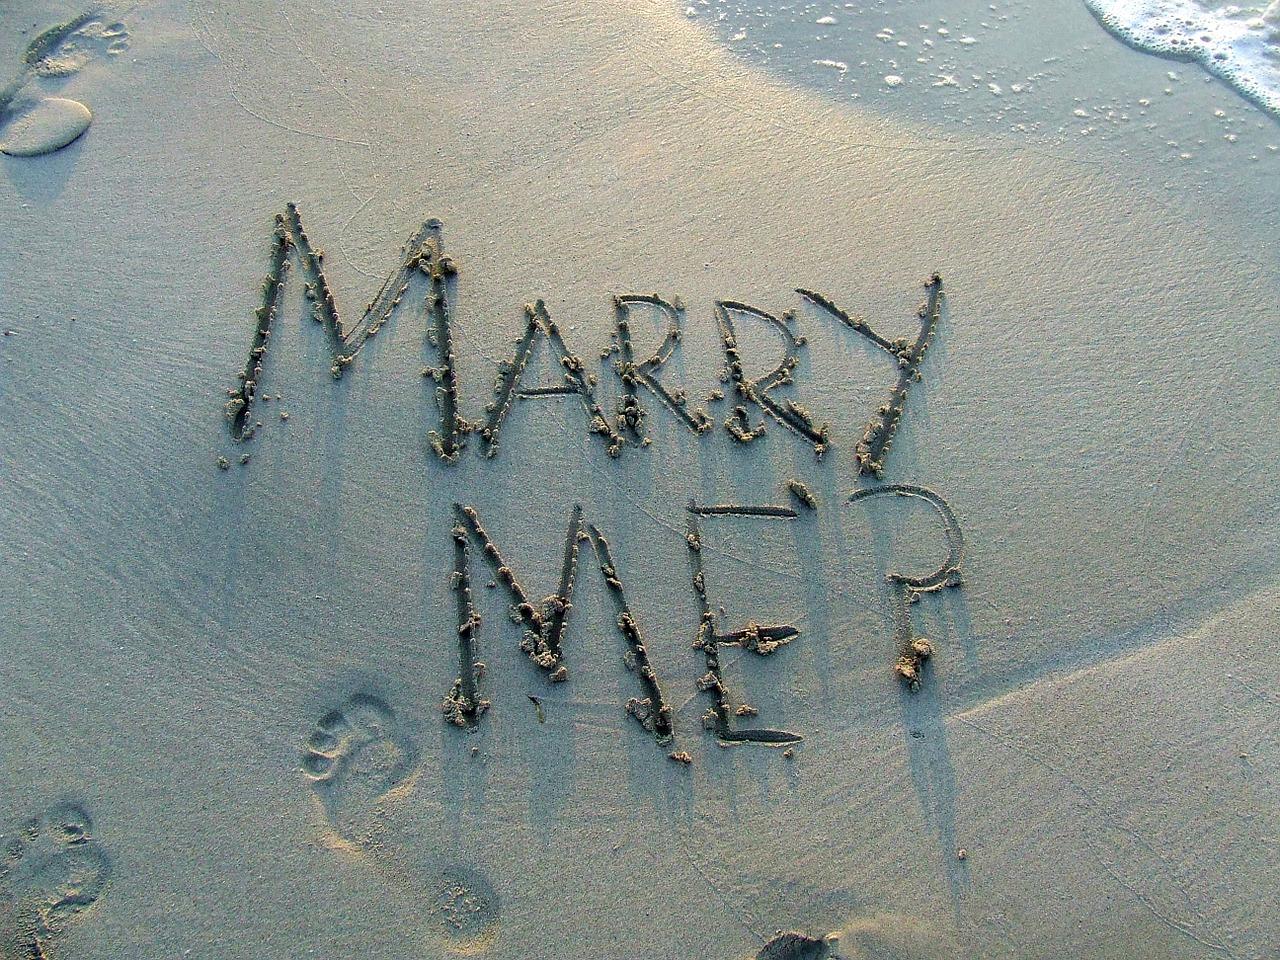 嫁にいこうプロジェクト#02:なぜ私は嫁にいきたいのにいけないのか…スタートラインに立ってない問題